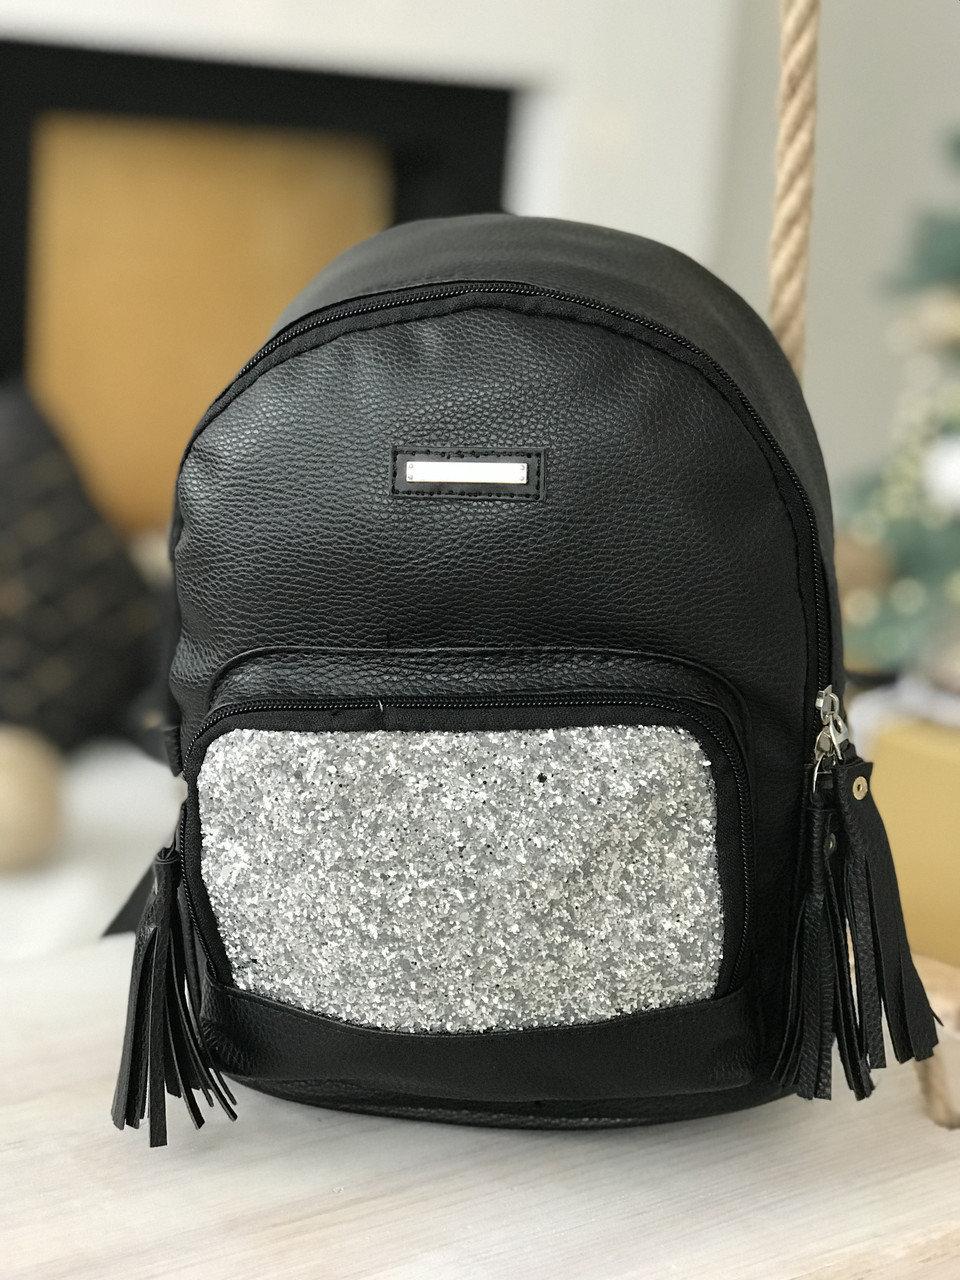 Рюкзак женский R-118-1, черный с серебряными блестками